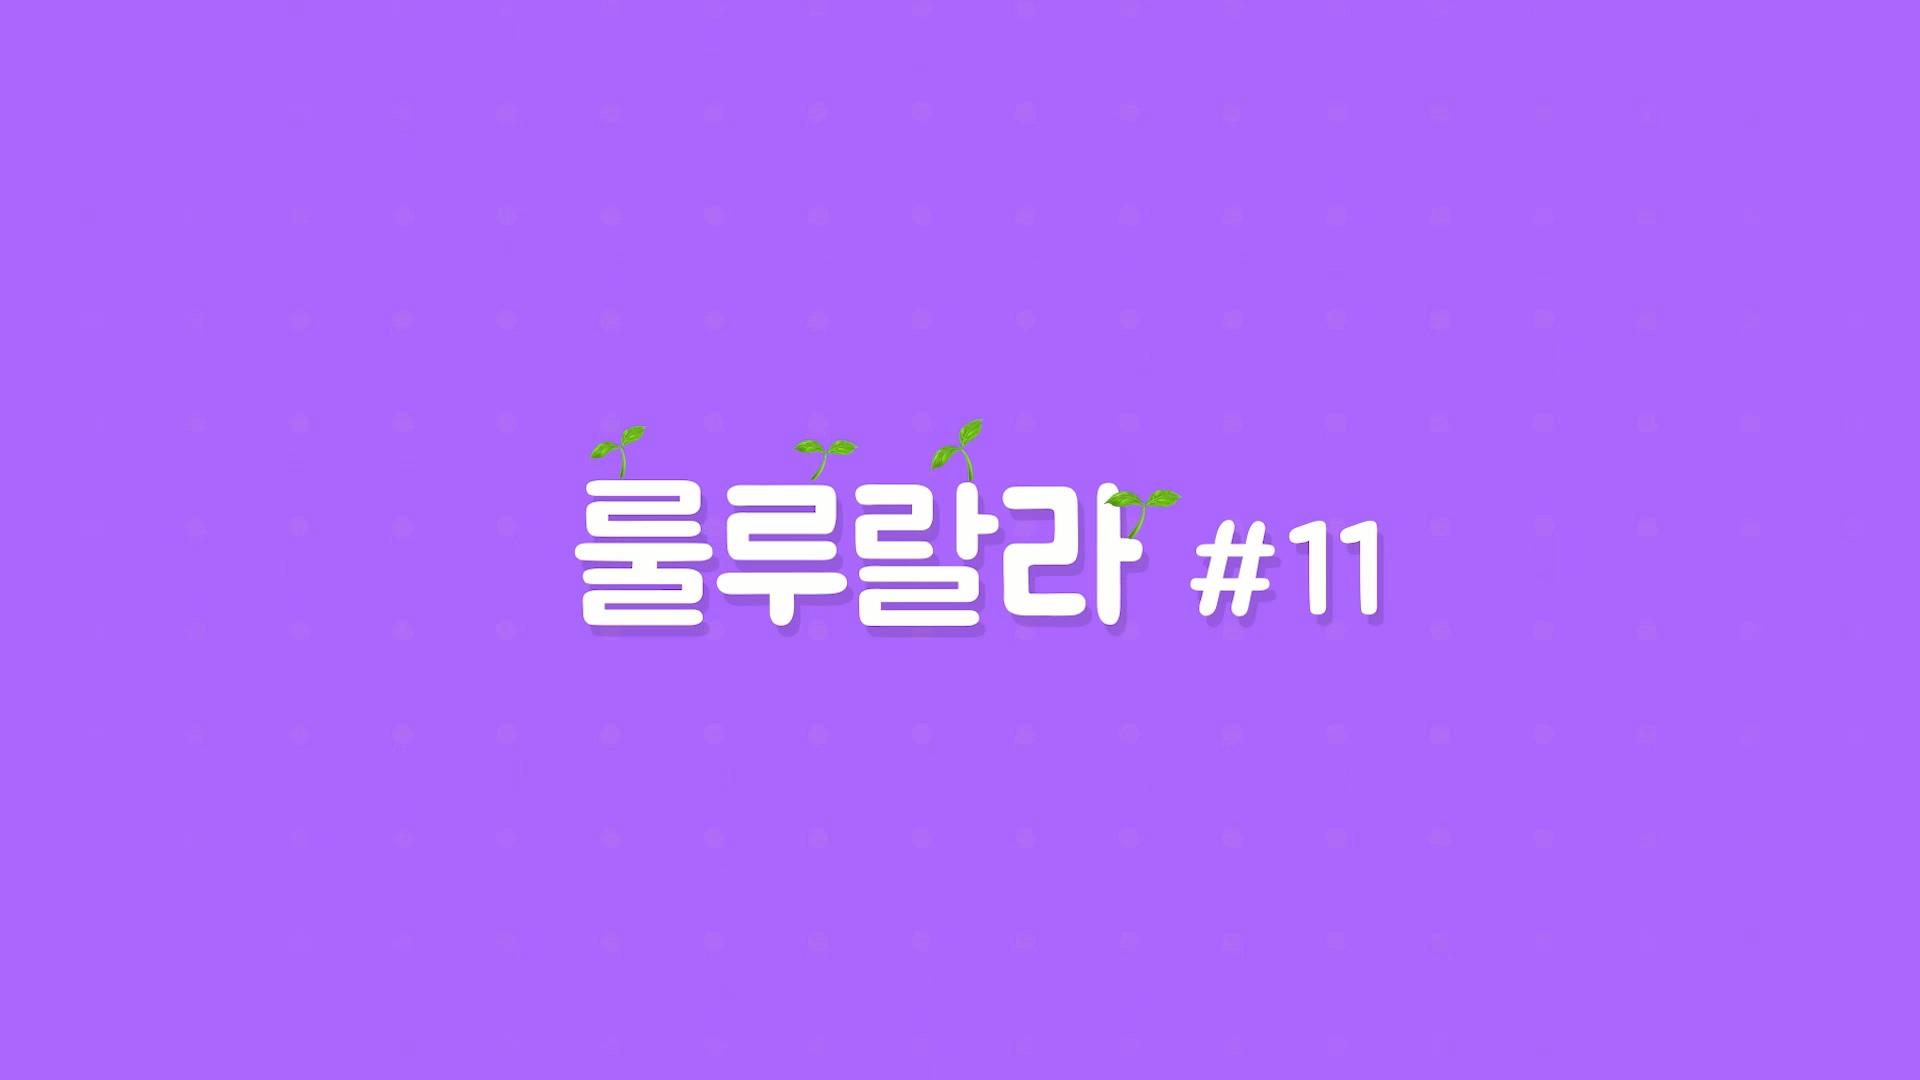 [YH생활일지] 새싹즈 룰루랄라 #11